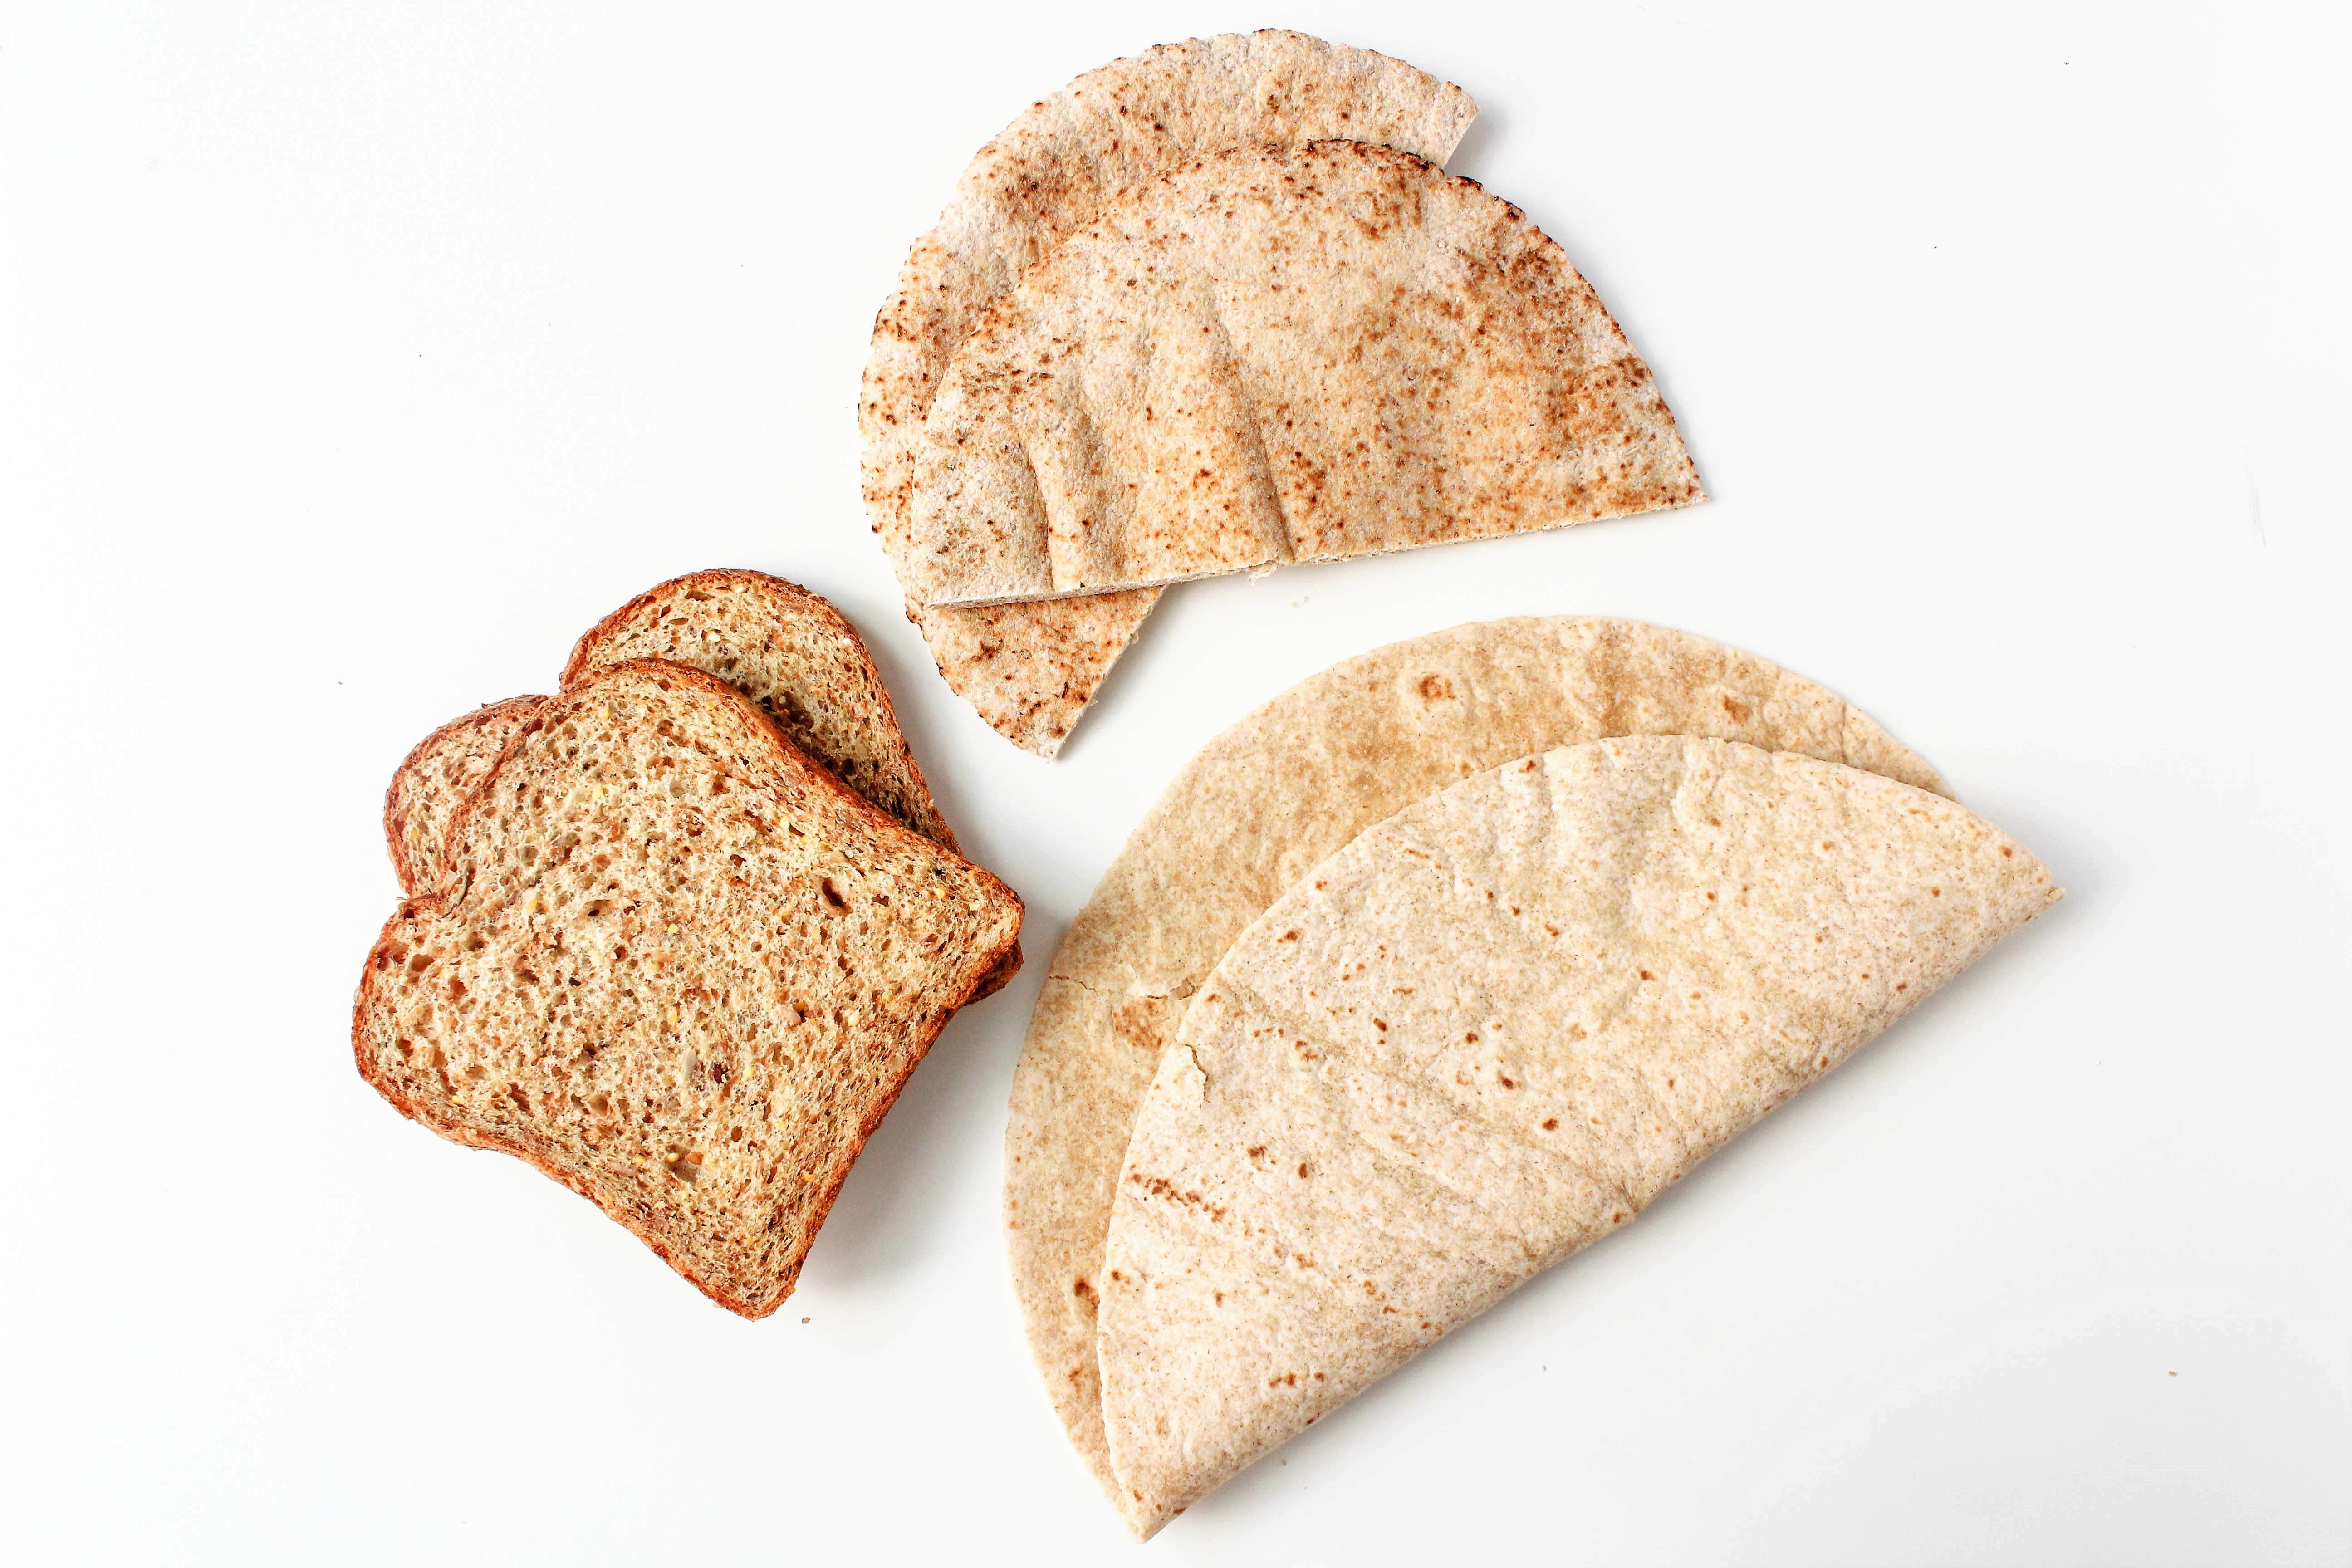 Healthy Sandwich Bread  Mix & Match Healthy Sandwich Recipes fANNEtastic food